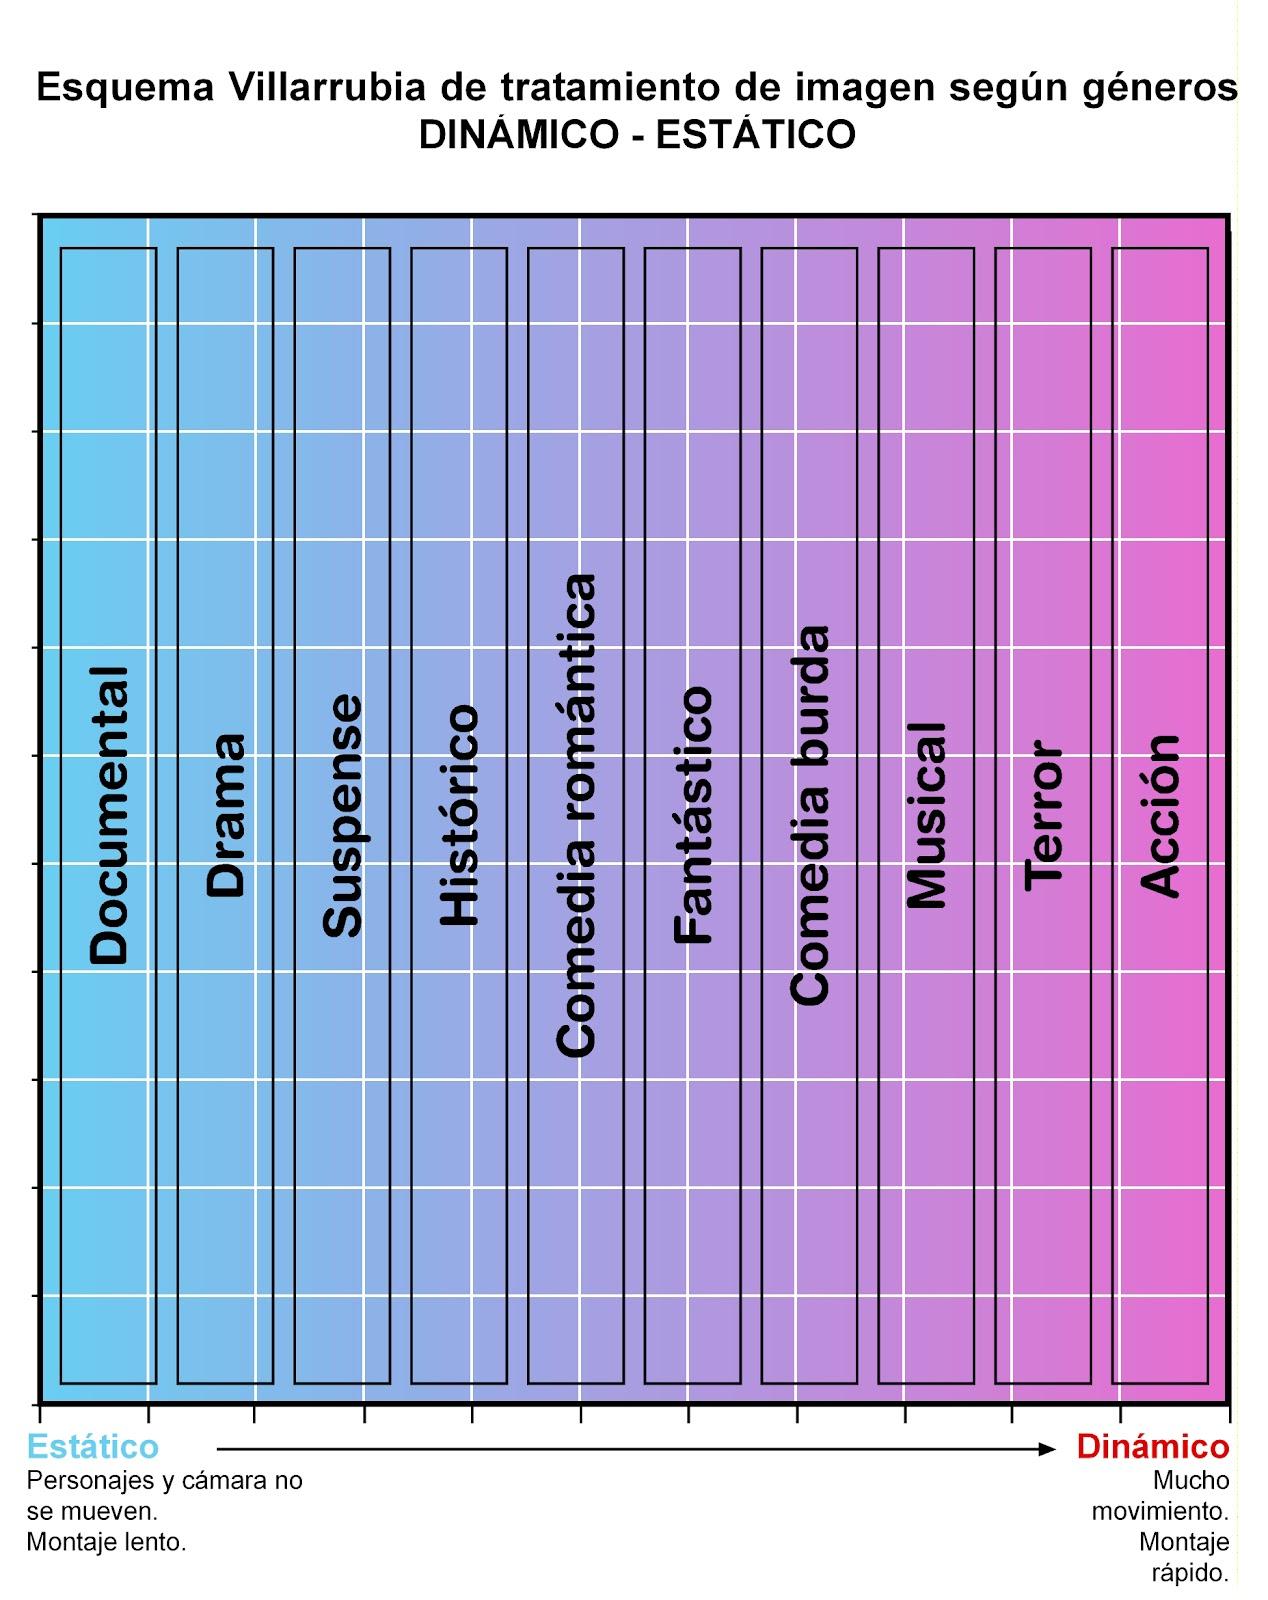 Montaje y encuadres según el género | Villarrubia & Acción